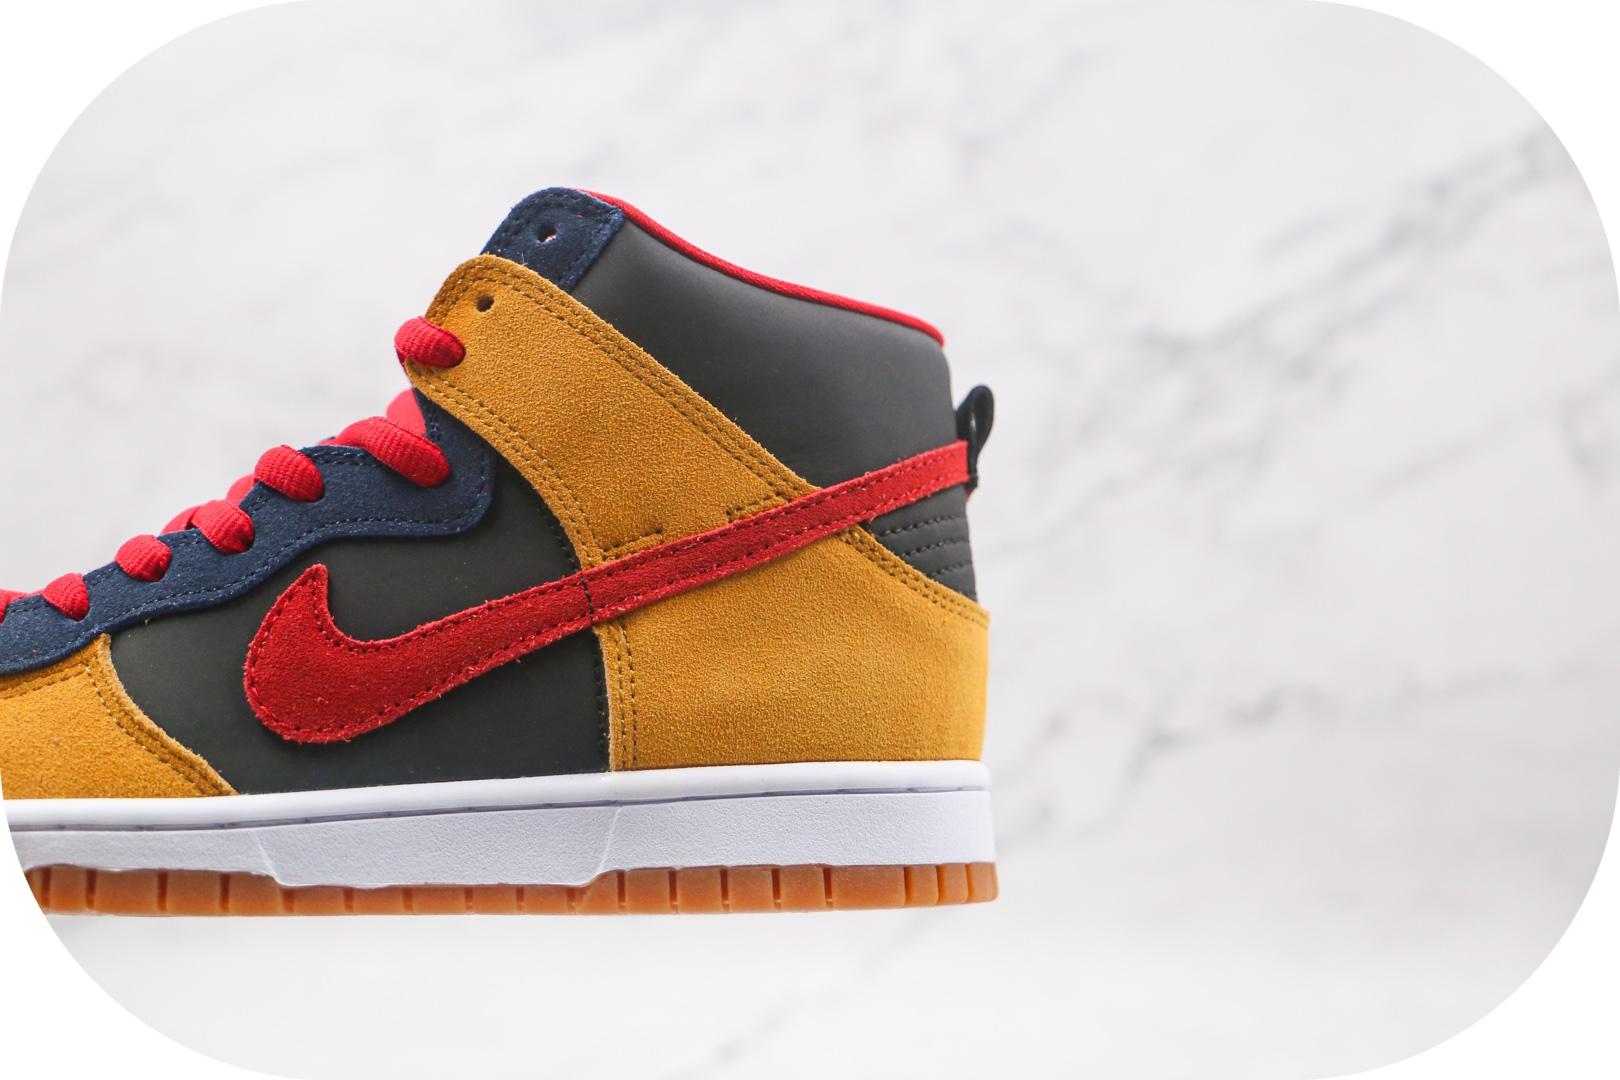 耐克Nike Dunk SB High纯原版本高帮SB DUNK帕帕熊黑黄红蓝色板鞋原楦头纸板打造 货号:313171-400